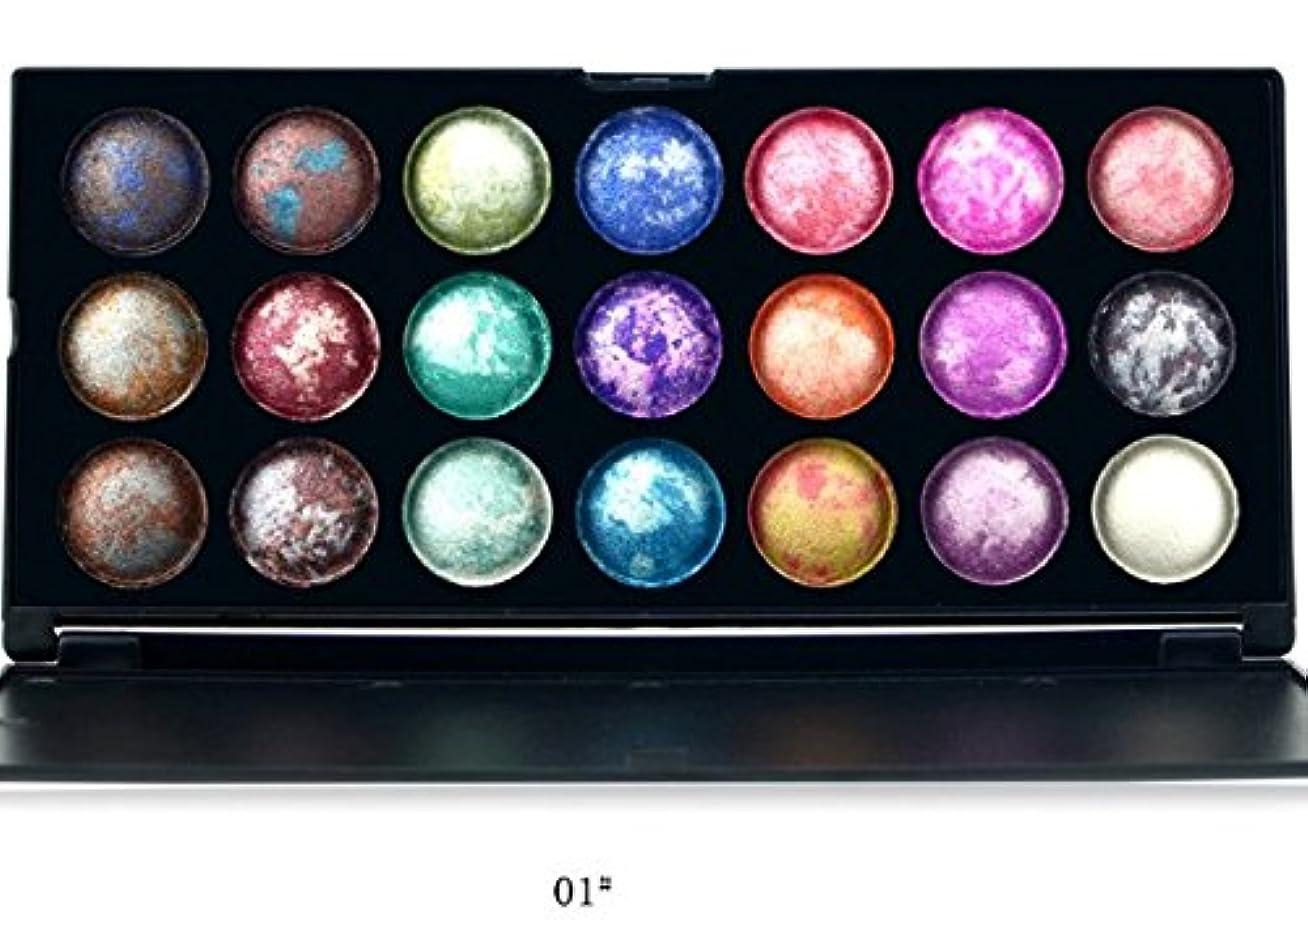 オセアニア毎月厳MakeupAcc 焼きアイシャドウ 21色 カラフル 乾式と湿式 (01) [並行輸入品]